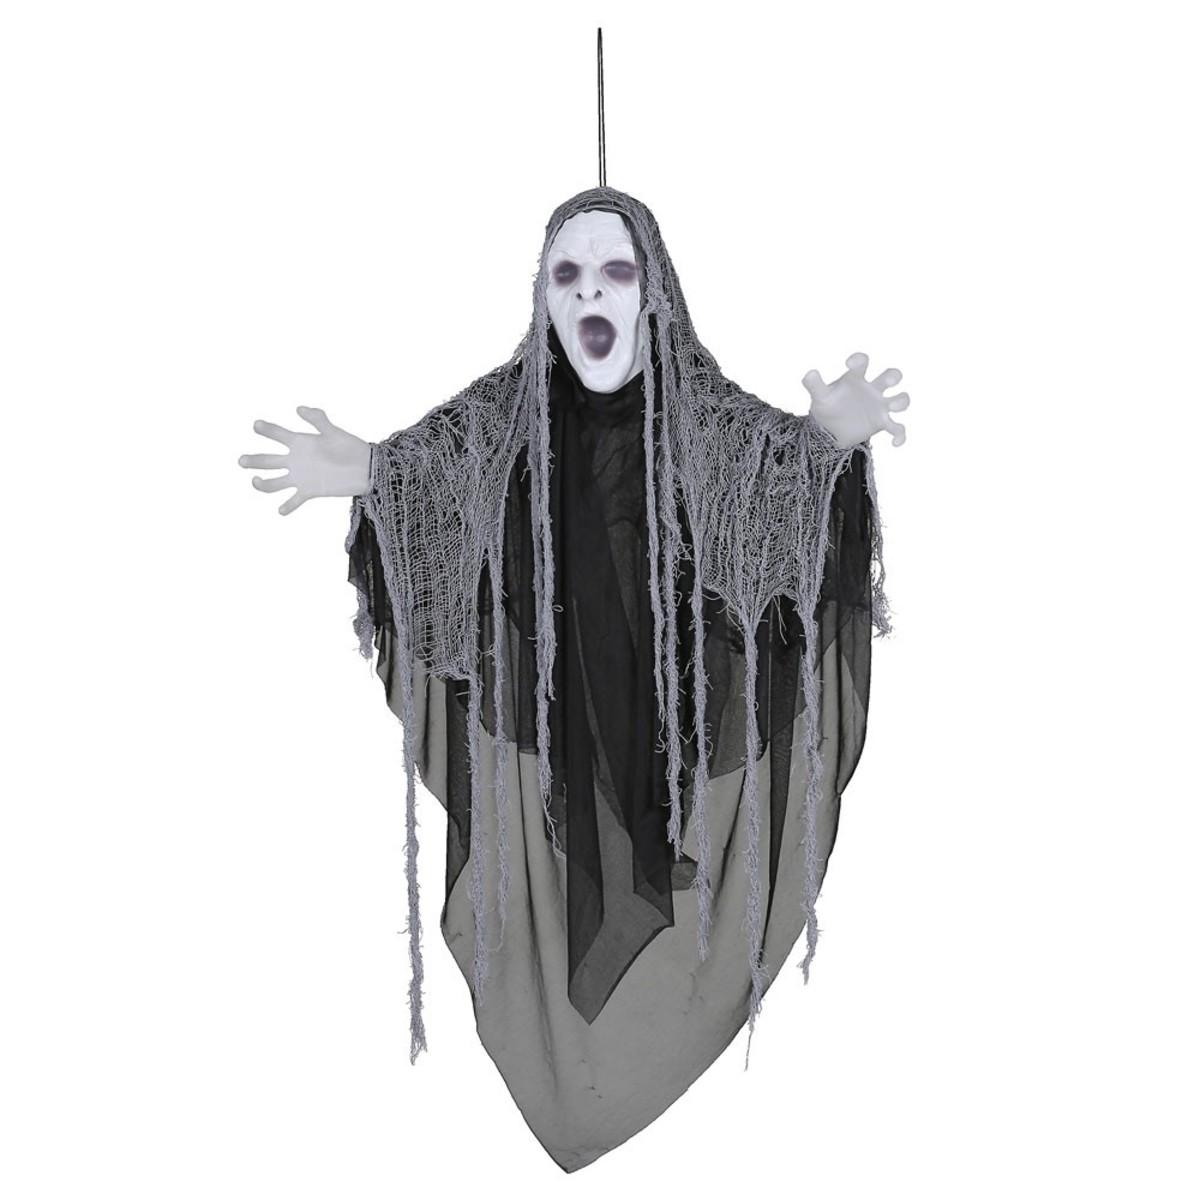 Bild 1 von Halloween Figur Gewitter-Gespenst animiert